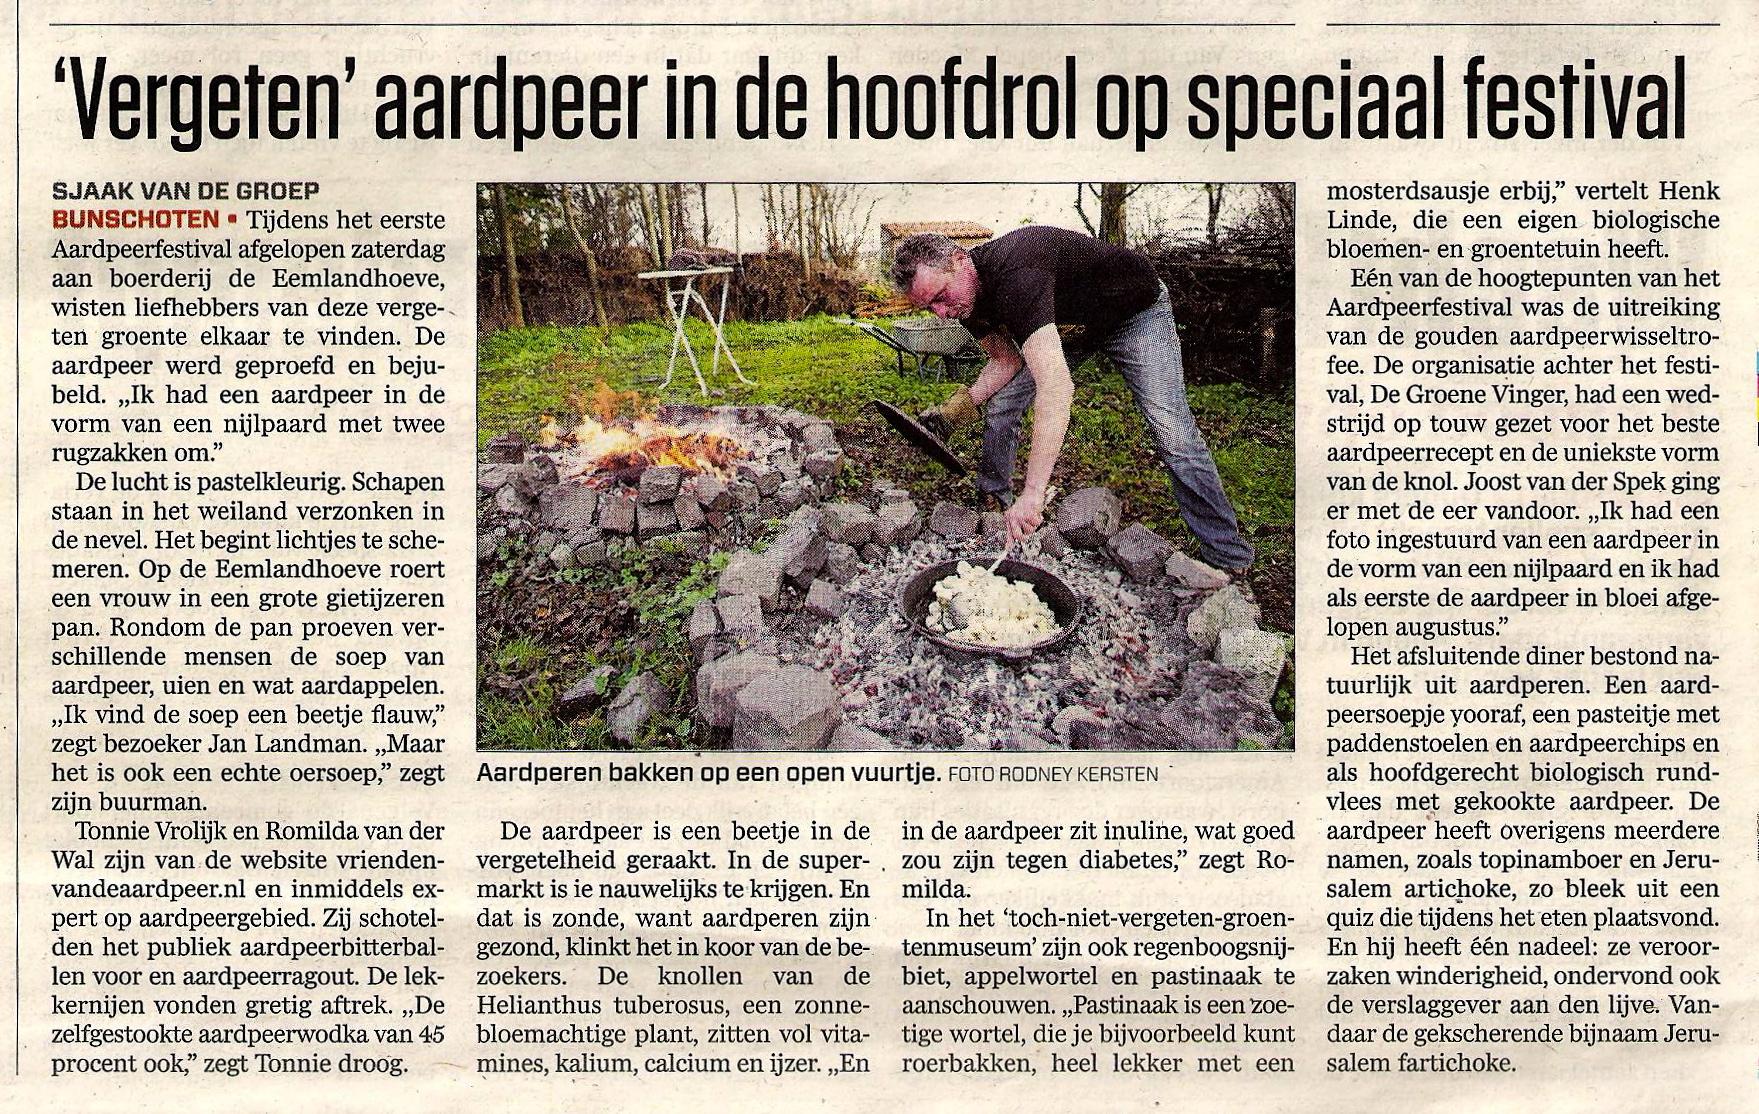 Amersfoortse Courant 21-11-2011